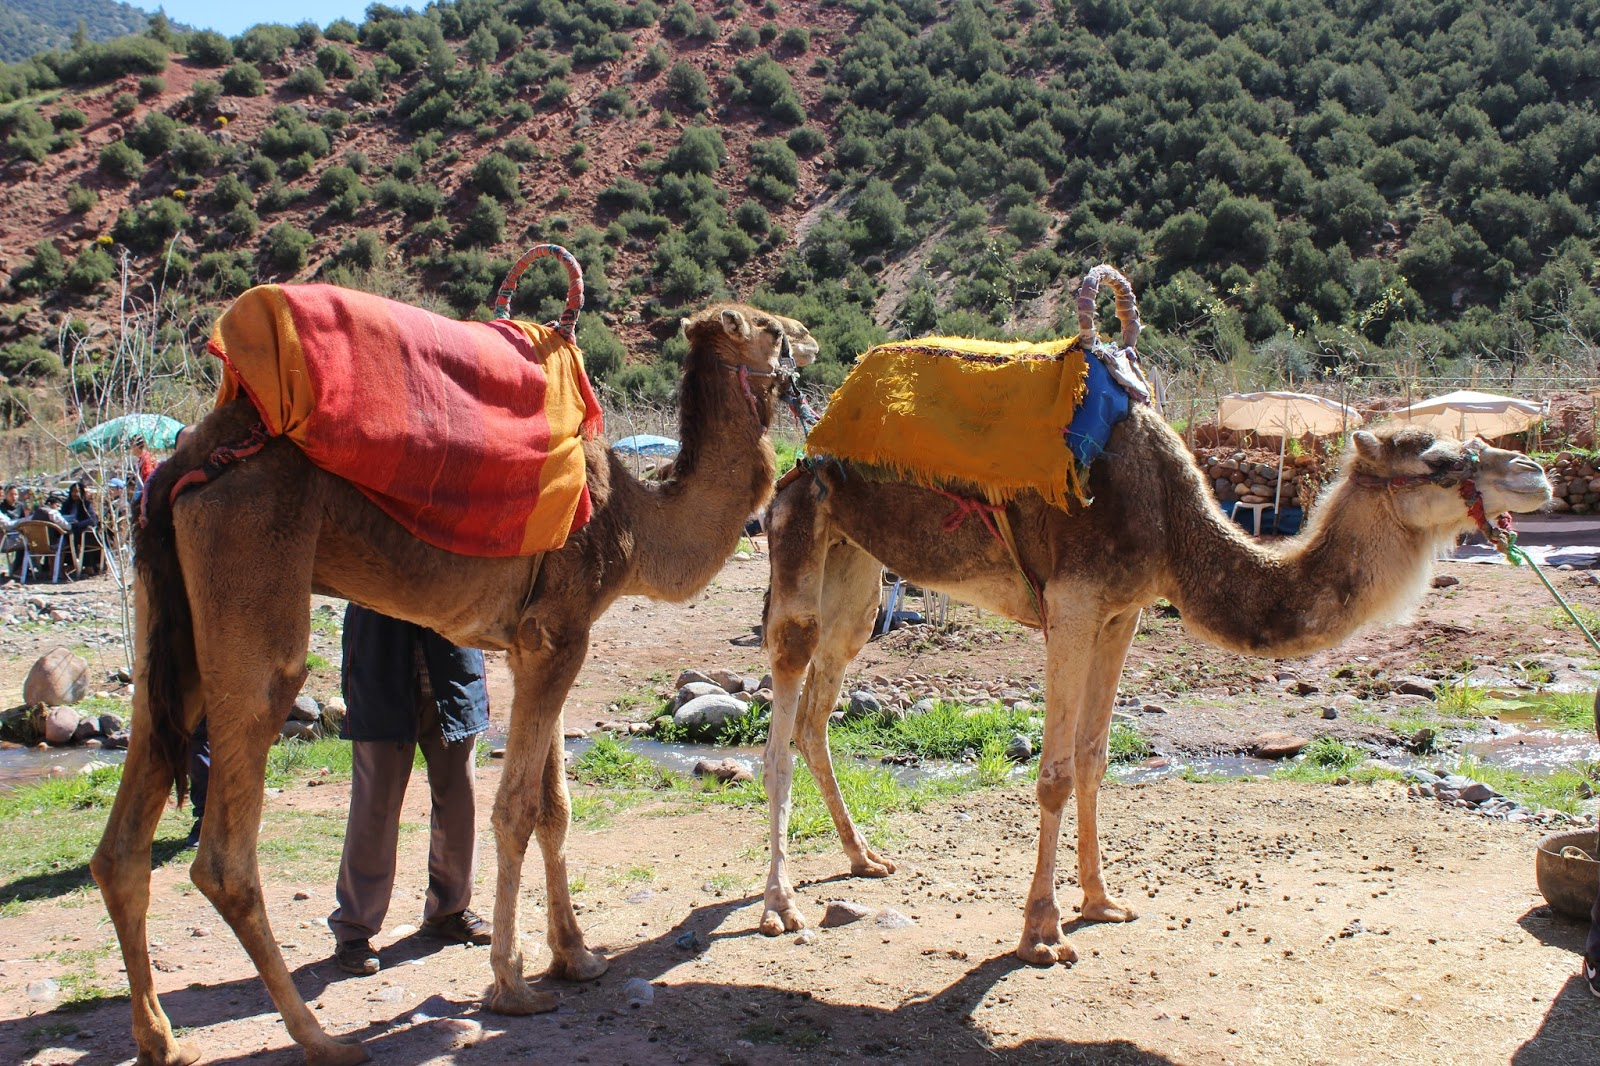 Moroccan camels